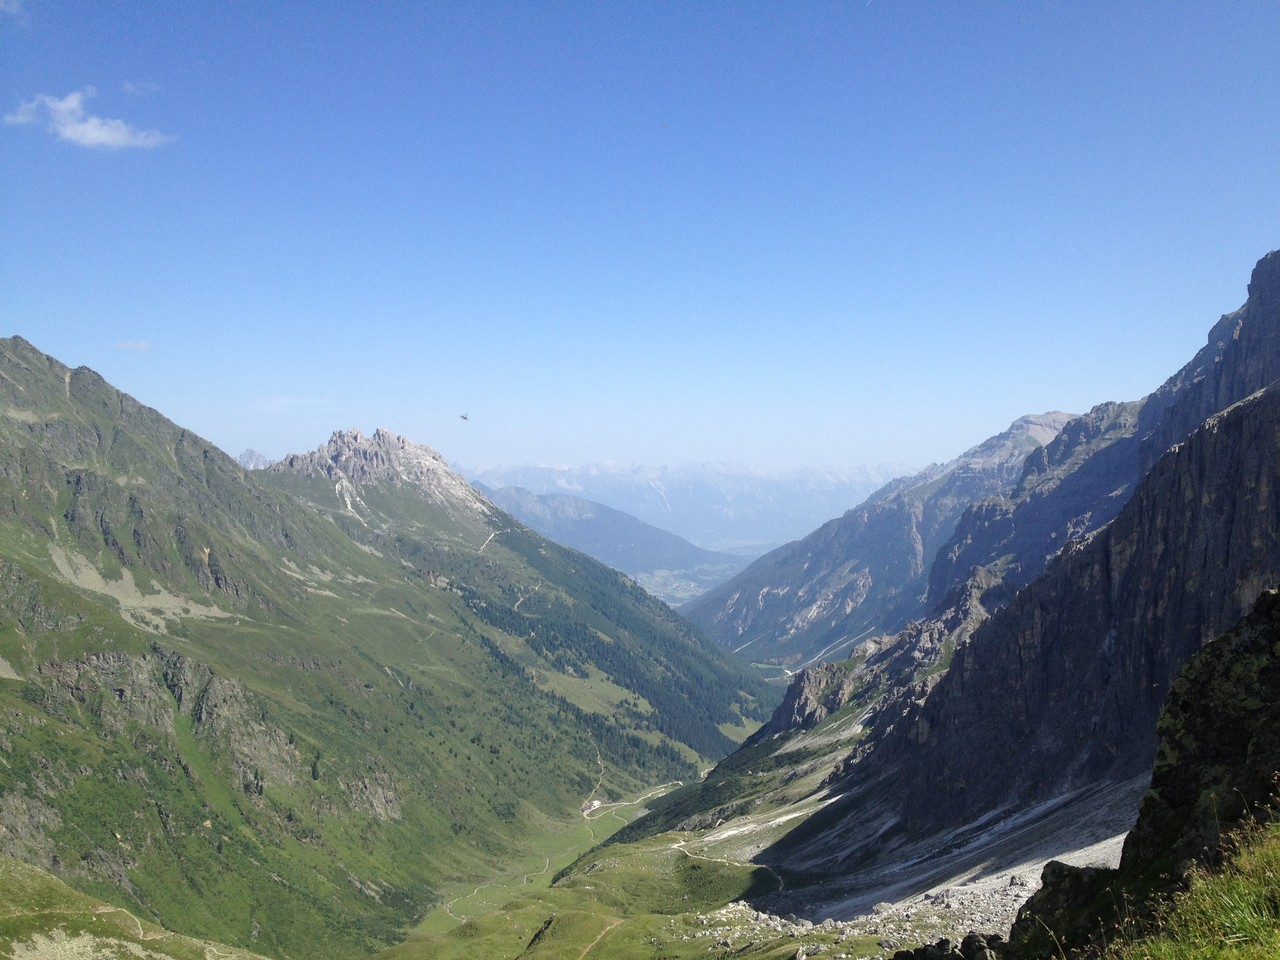 Blick von der Innsbrucker Hütte in das Pinnistal, Neustift